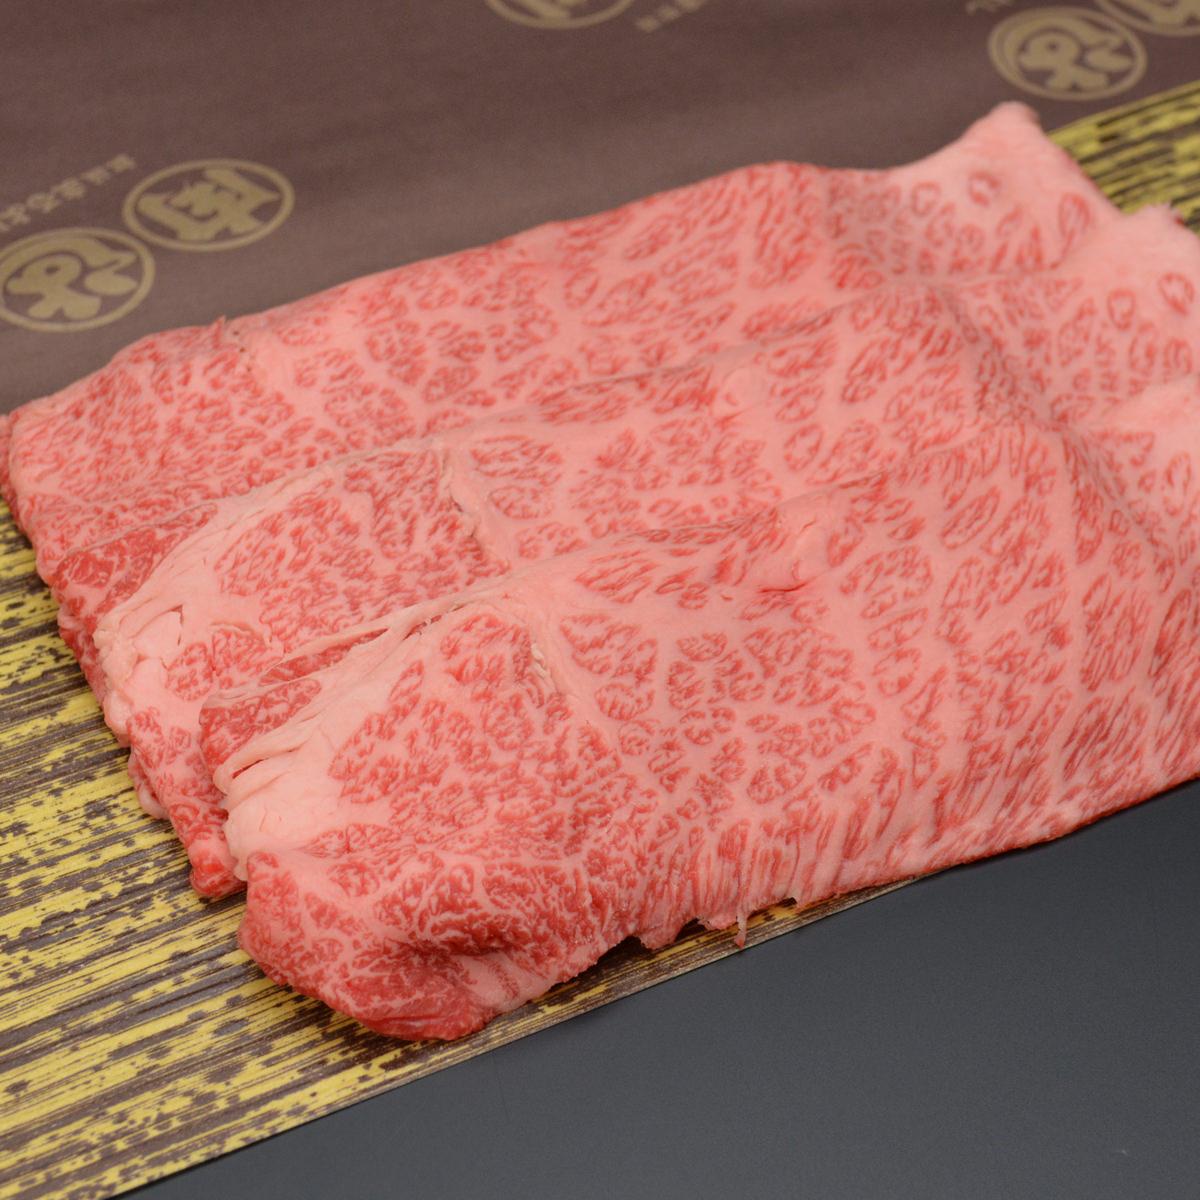 松阪まるよし 松阪牛 すき焼き用スライス肉 〔ロース・肩ロース500g〕三重県